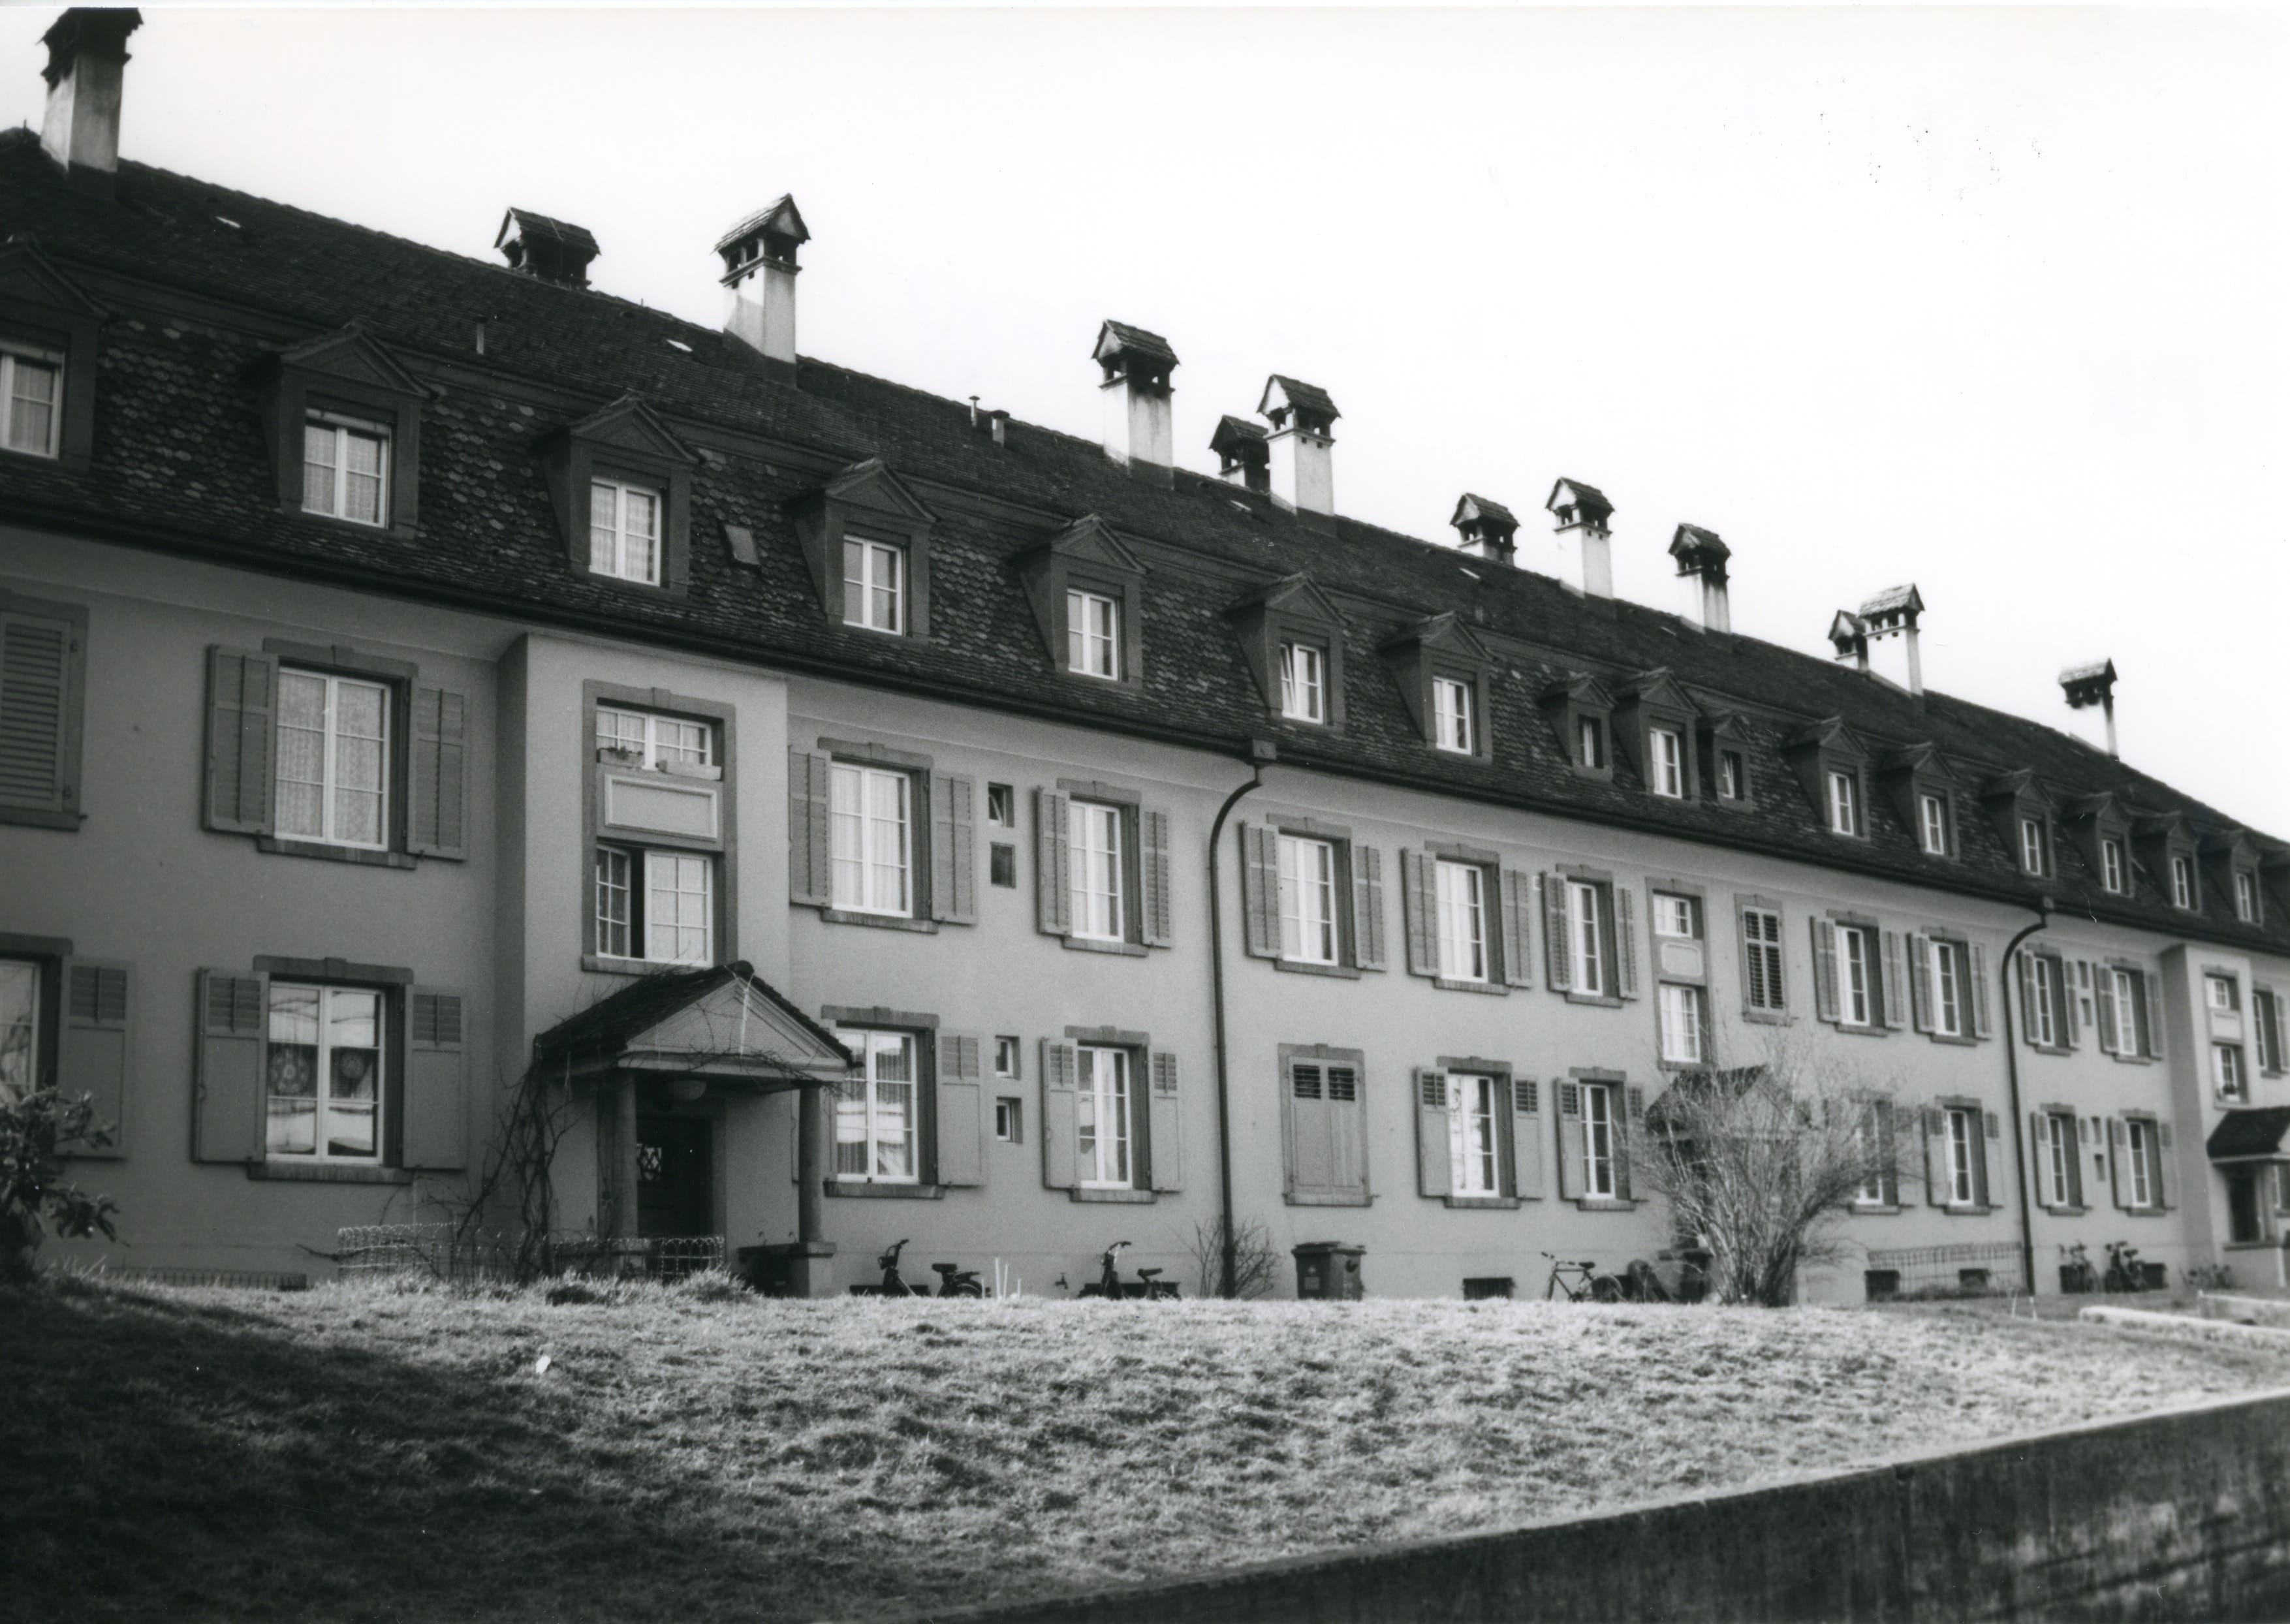 Das imposante Gebäude stammt aus der Zeit, als die «Nestlé & Anglo-Swiss Condensed Milk Company» Wohnraum für ihre Kaderleute benötigte. Fotografiert 1988 von Christoph Affentranger.